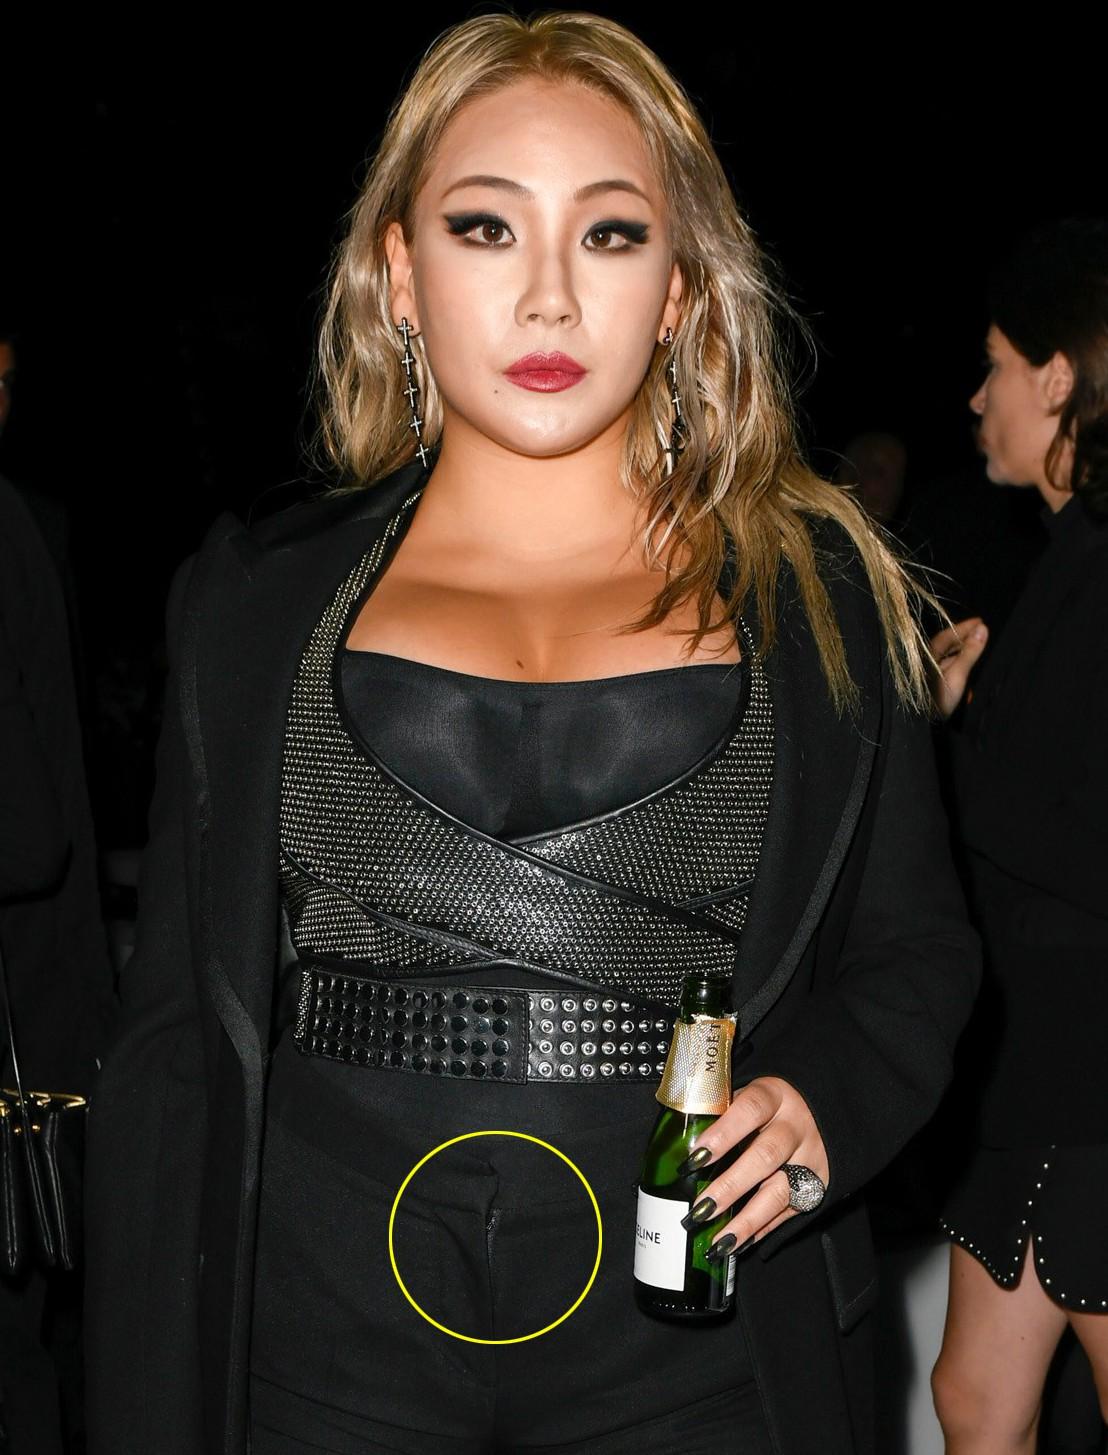 Nhìn thấy hình ảnh mới nhất của CL tại show Celine, bạn sẽ biết bao tin đồn giảm cân thành công chỉ là dối trá - Ảnh 2.